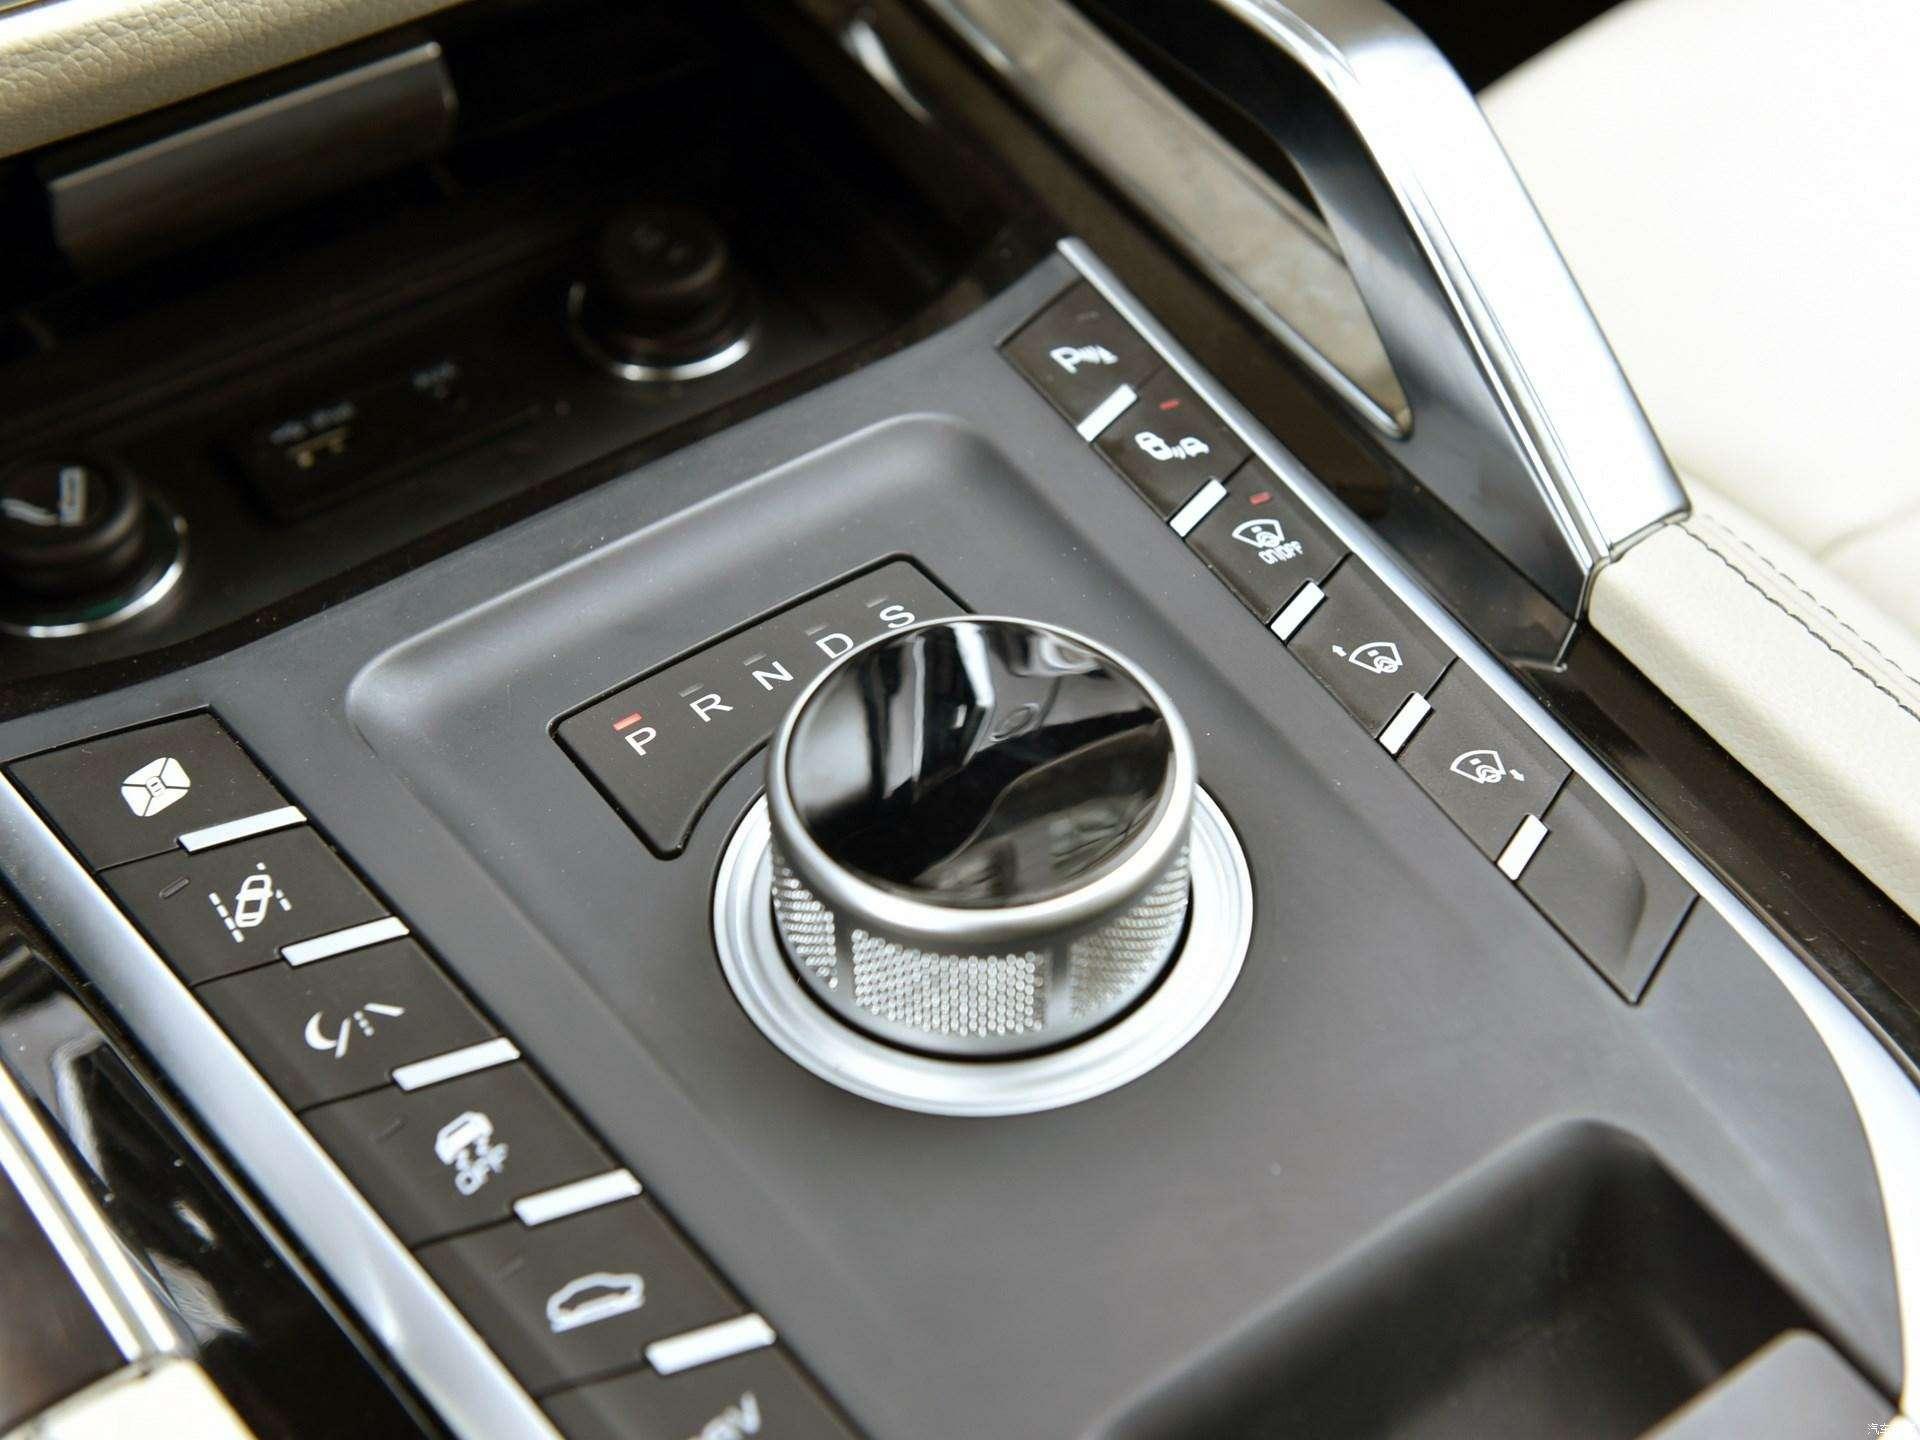 Jaguar иLand Rover водном флаконе: стартовало производство кроссовера Zotye T700— фото 727967